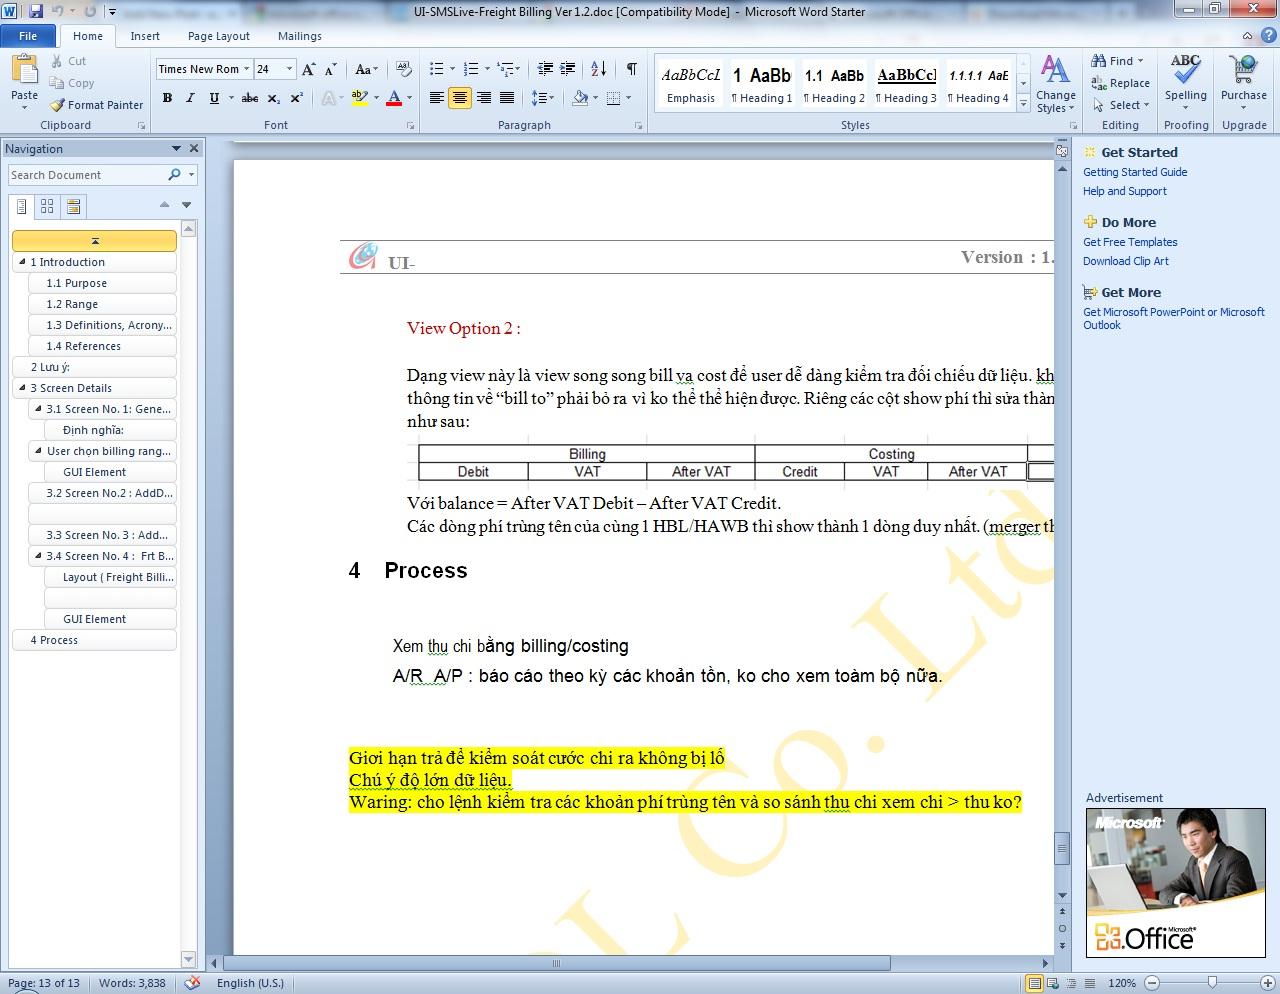 Microsoft Office Starter 2010 - Link tải bản cài đặt miễn phí từ Microsoft